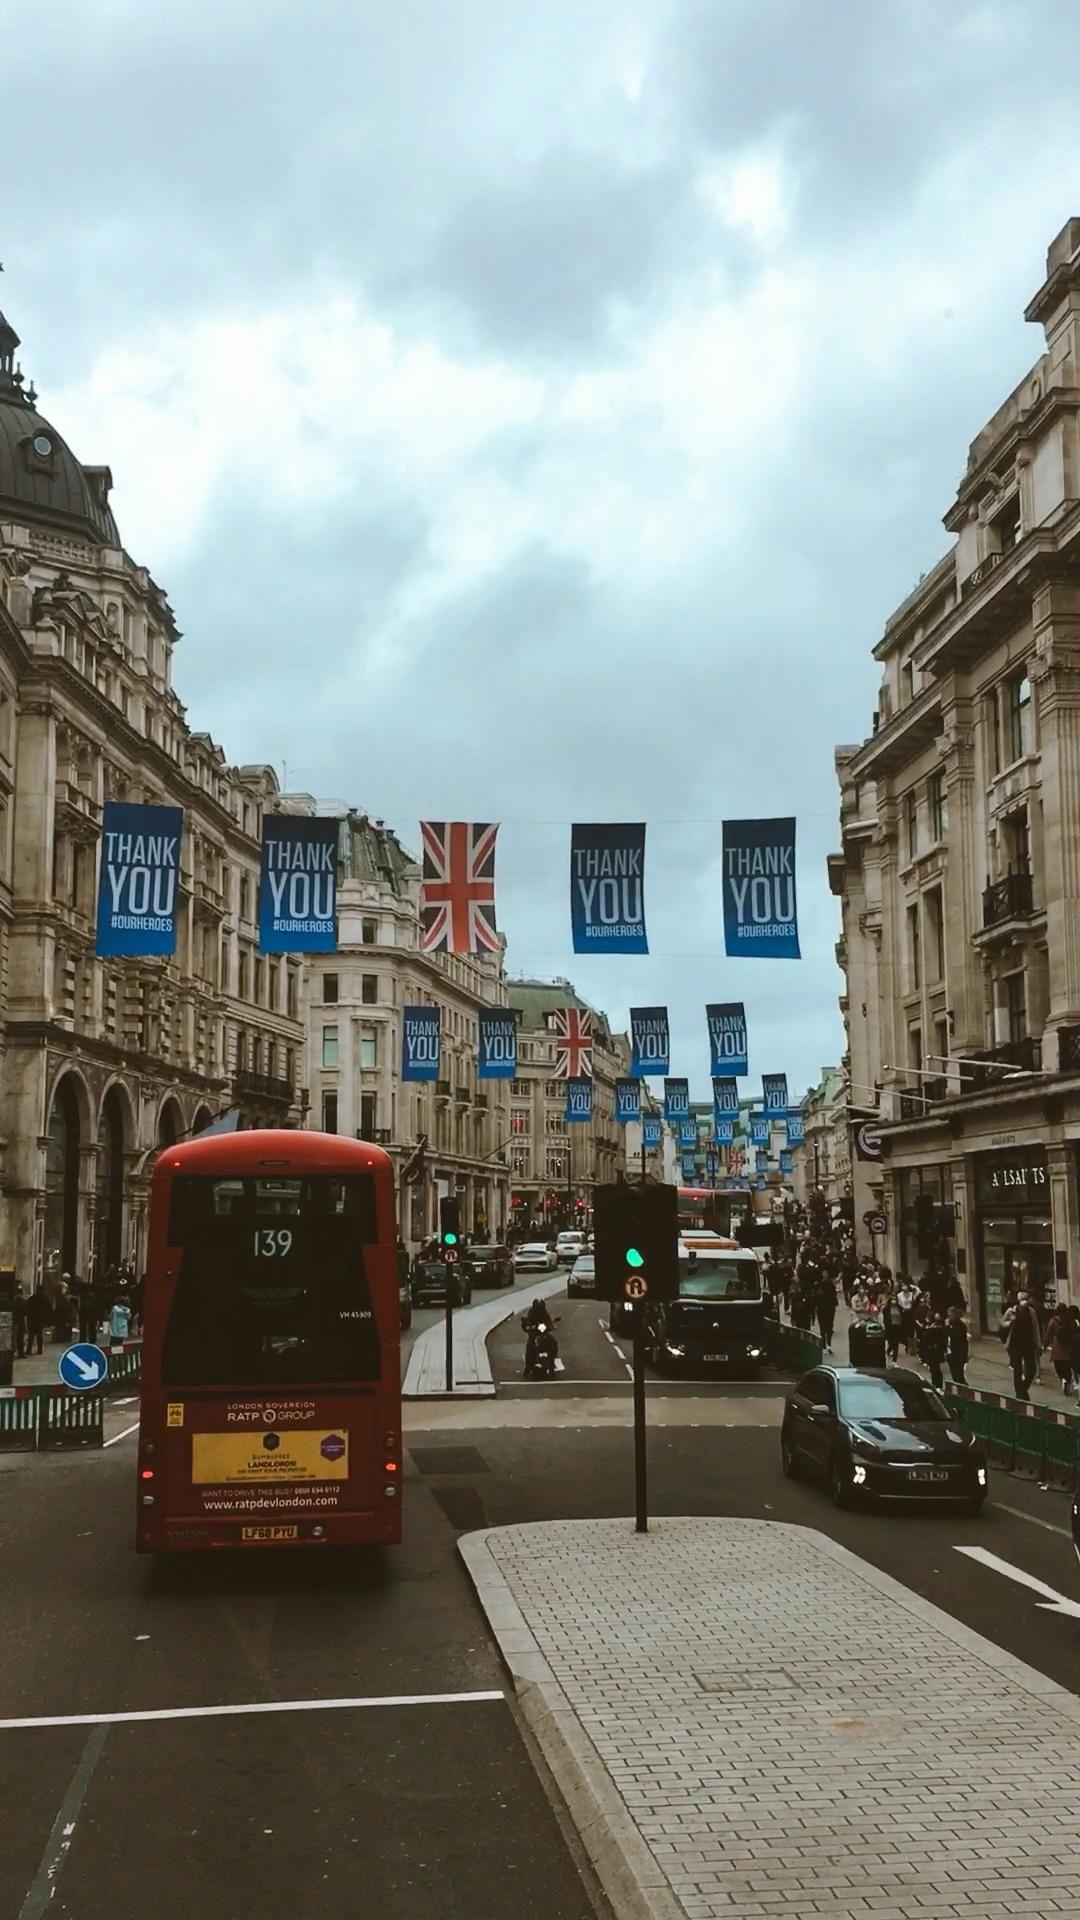 #london #regentstreet #londonlife